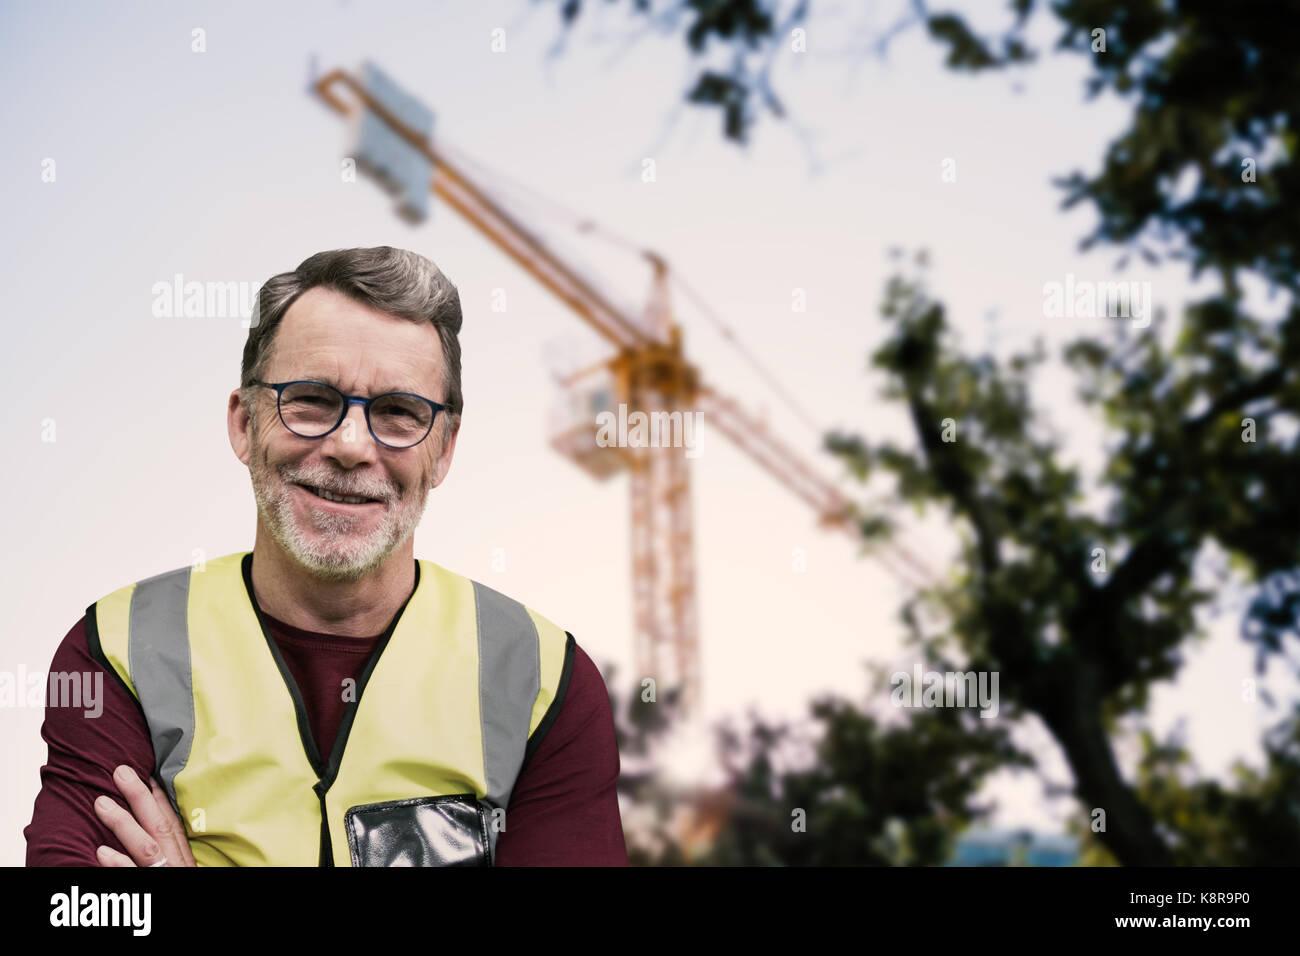 Retrato de ingenio trabajador senior de brazos cruzados vistiendo ropa reflectante contra la opinión de una grúa Foto de stock